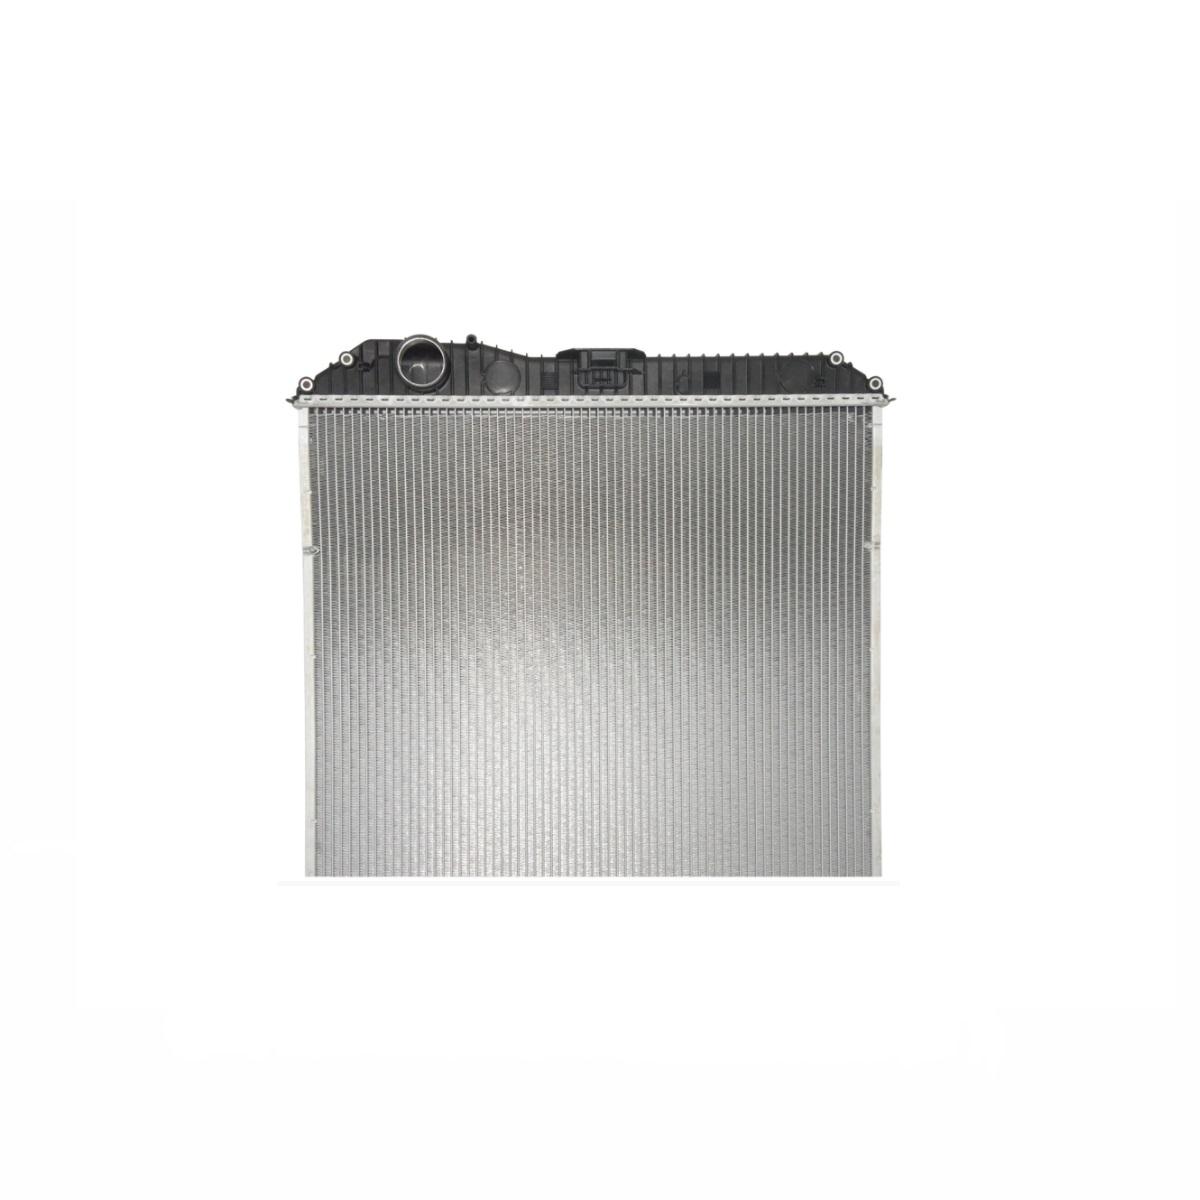 Radiador de Agua Mercedes-Benz Axor 2035 2040 2044 2540 2640 3131 S/Lateral